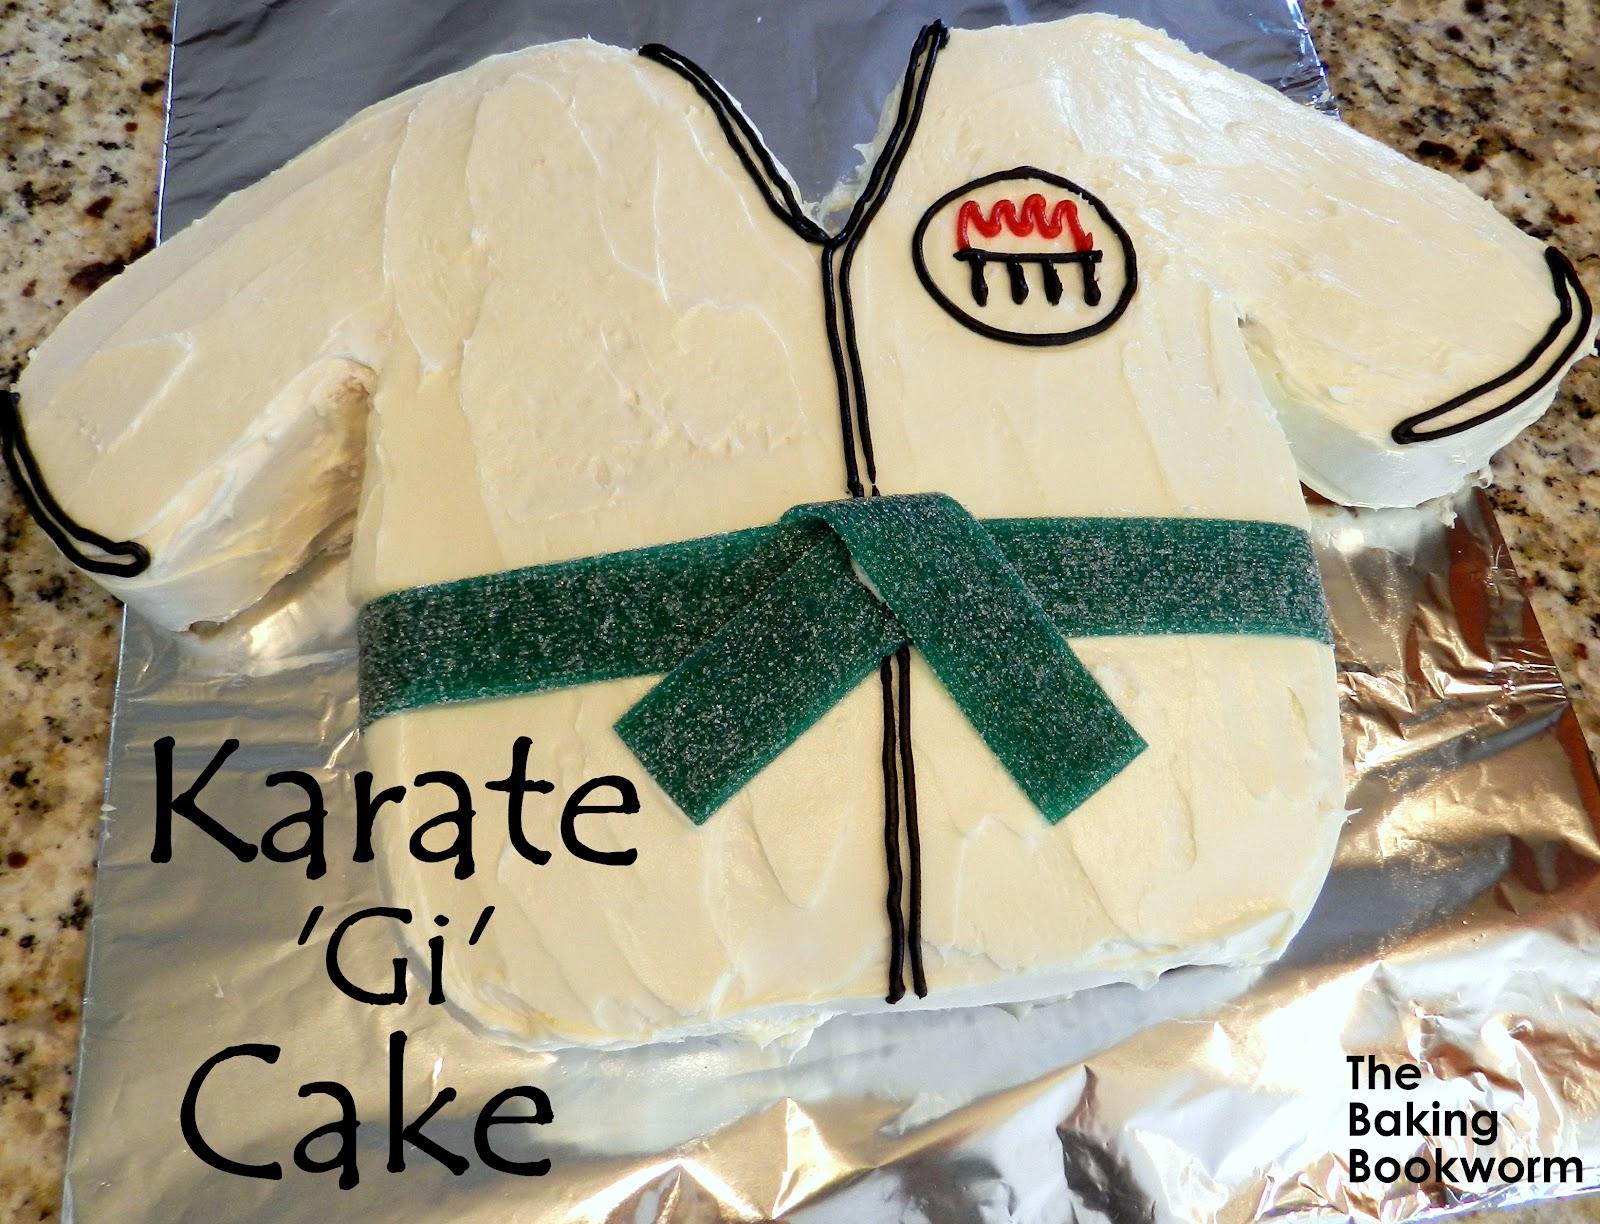 Karate Jacket Cake